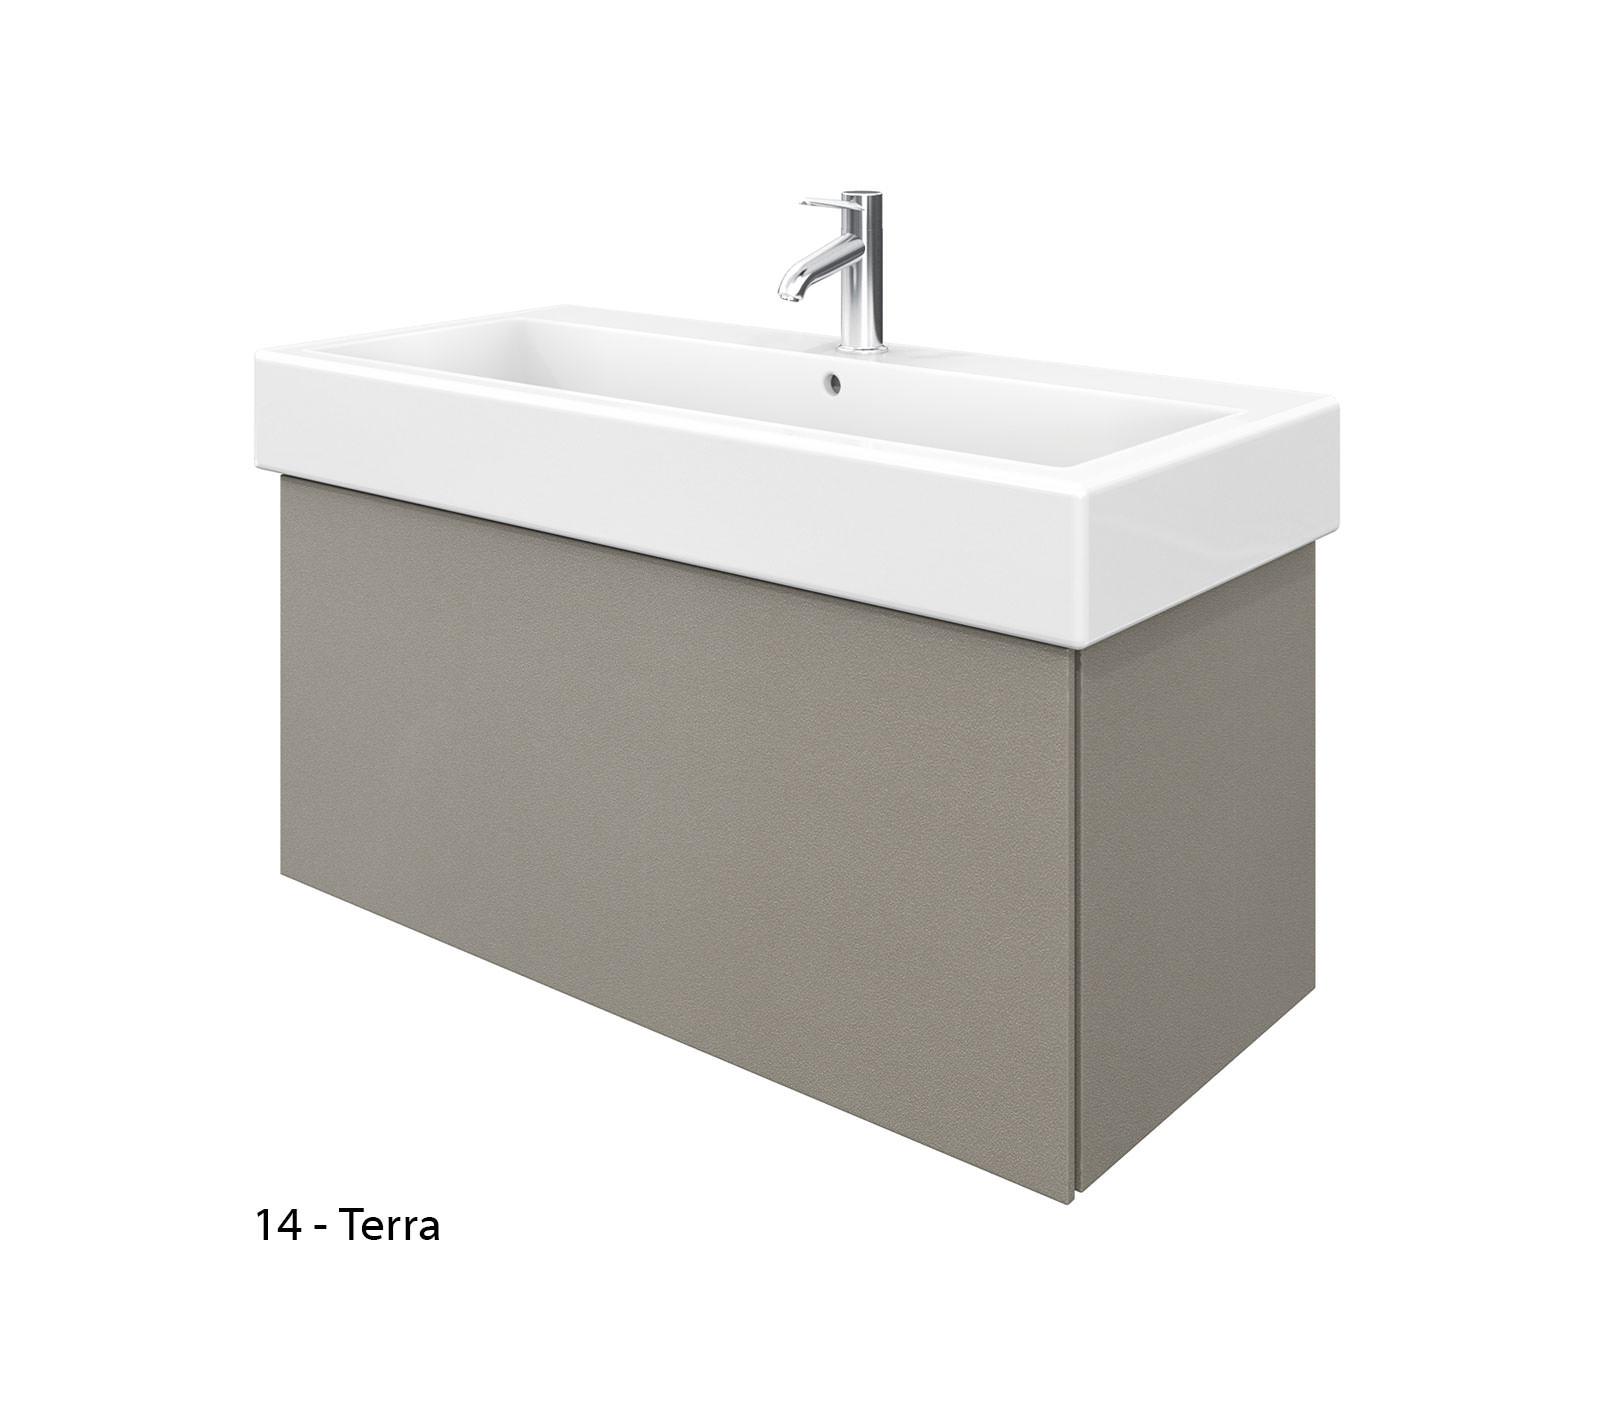 Duravit delos 1 compartment unit with vero 1000mm basin - Duravit bathroom furniture uk ...